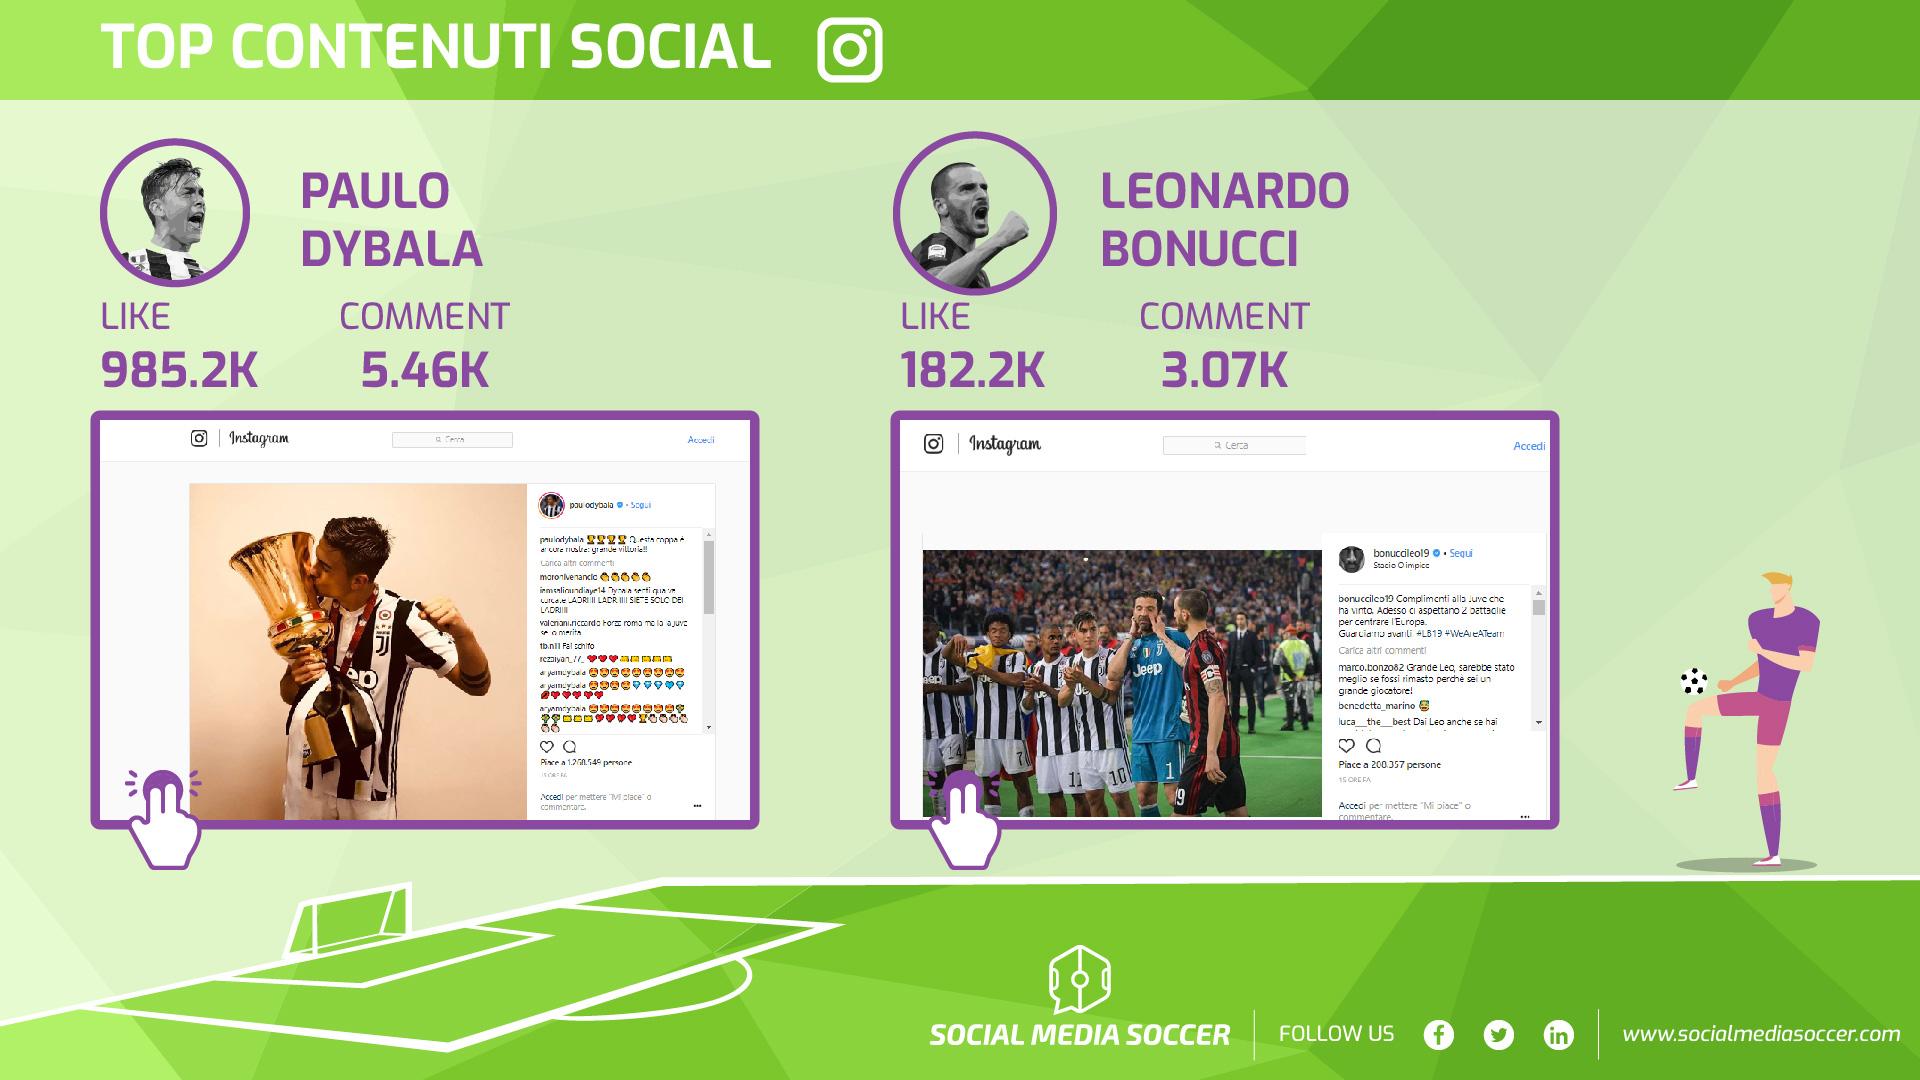 Migliori contenuti giocatori finale Coppa Italia Instagram